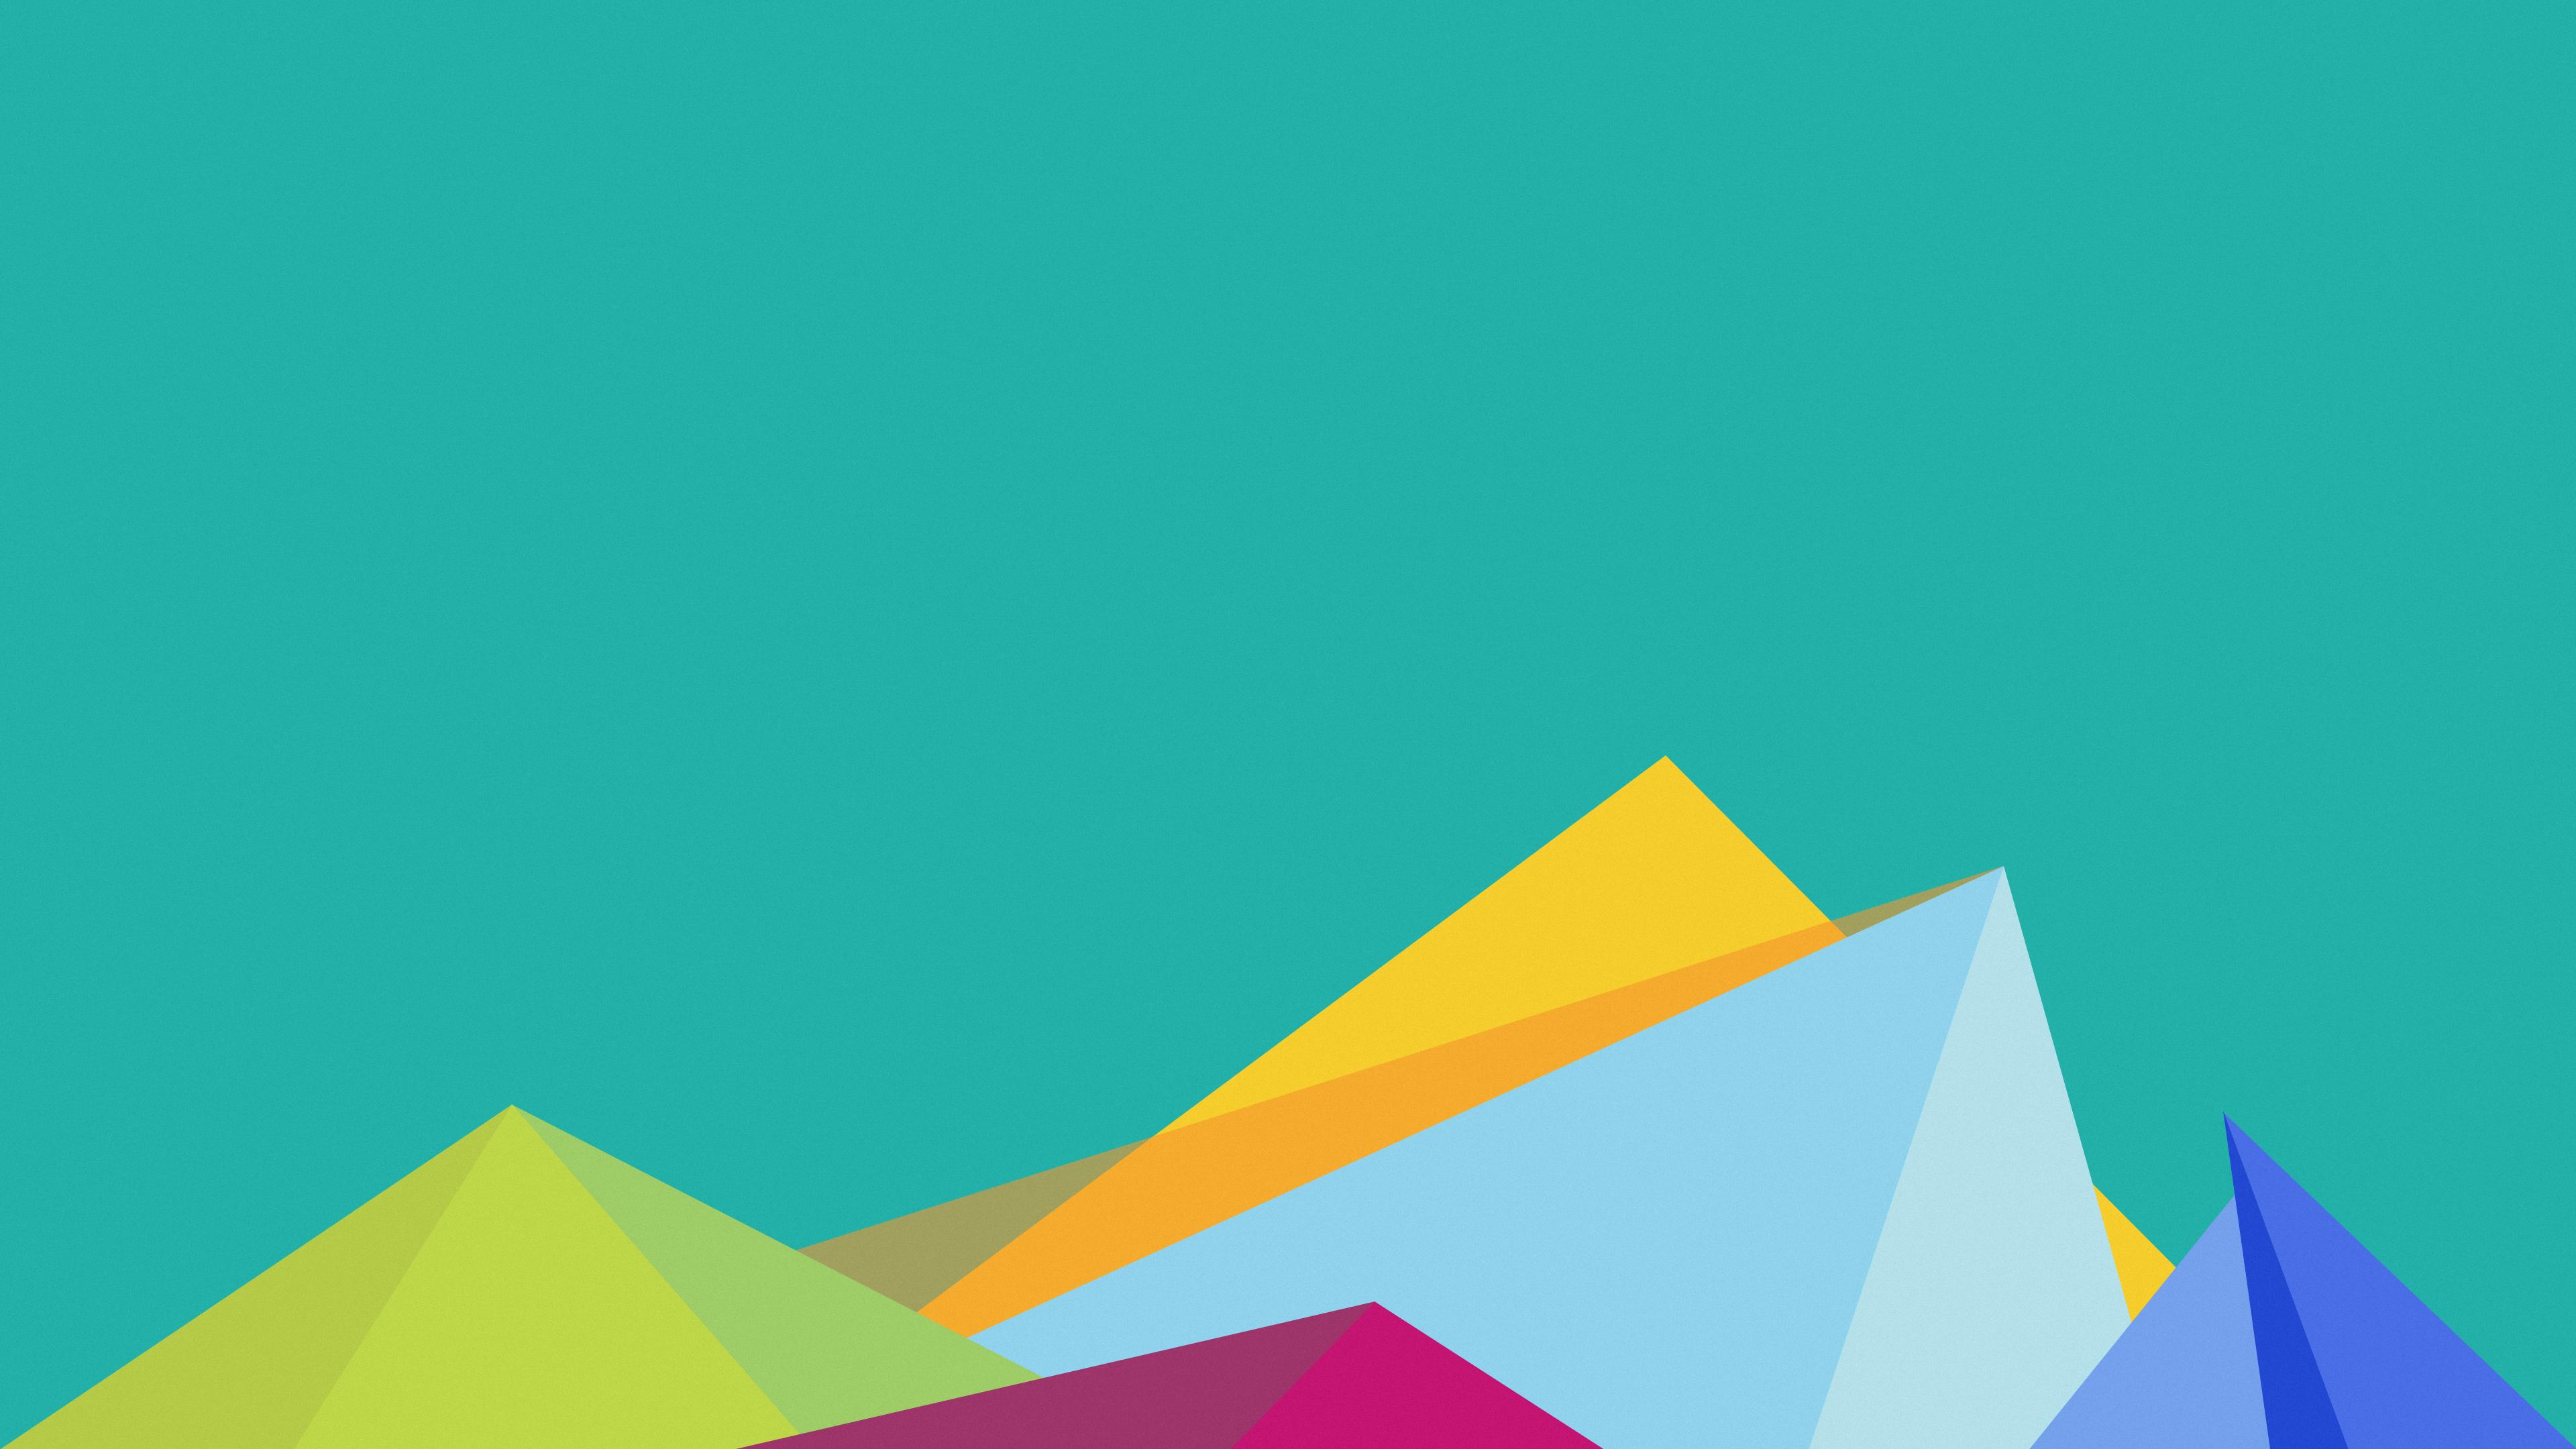 Геометрические фигуры-пирамиды,пики,многоугольники в цветовой гамме